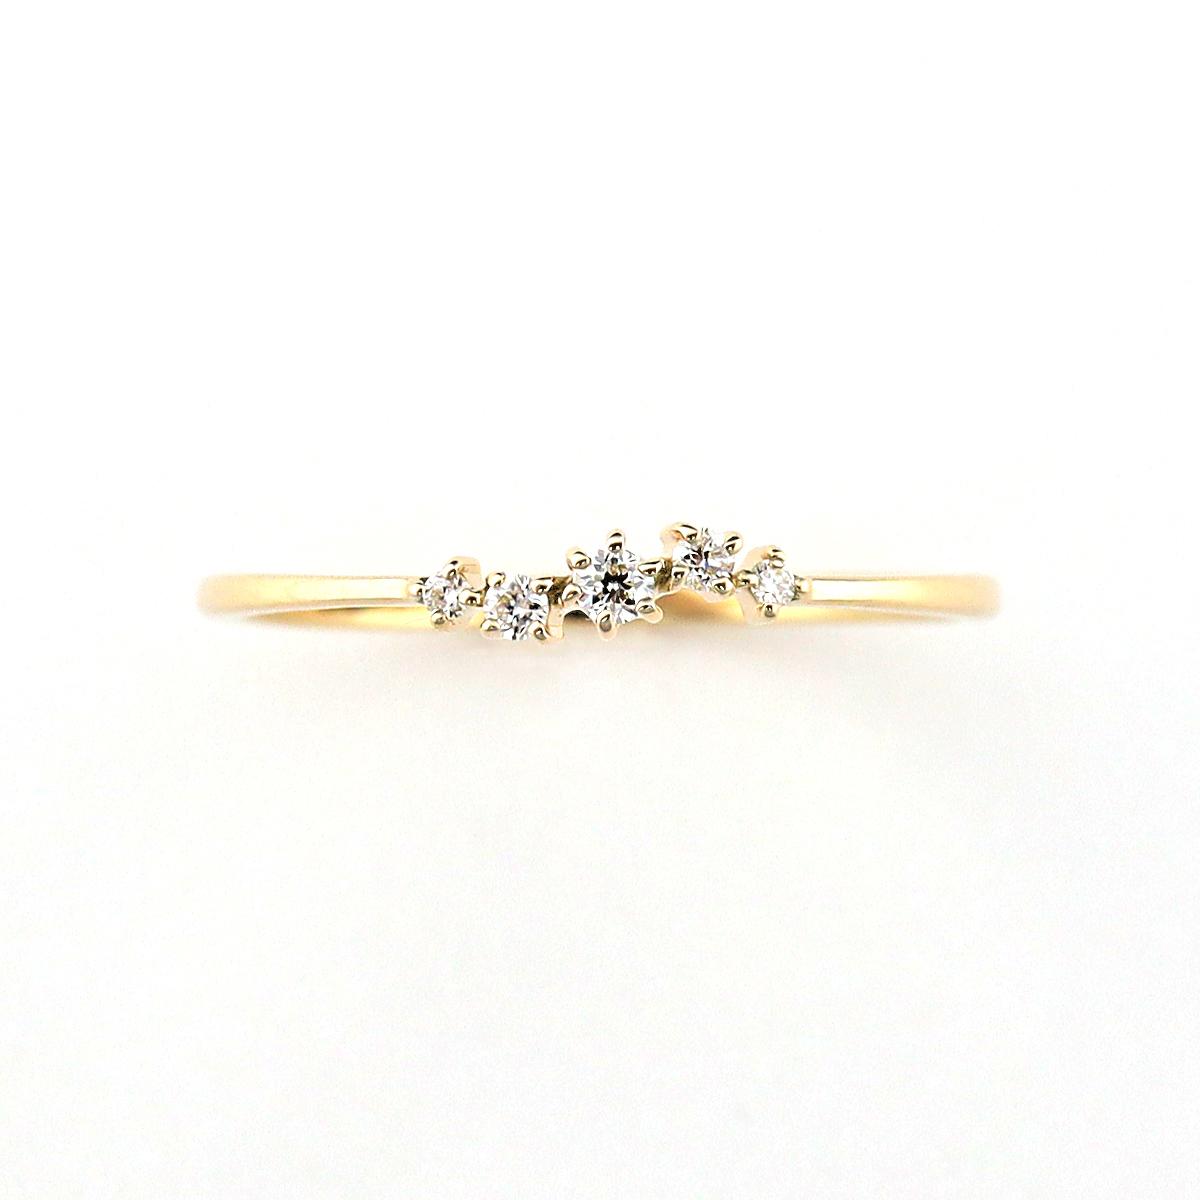 luster melee ring